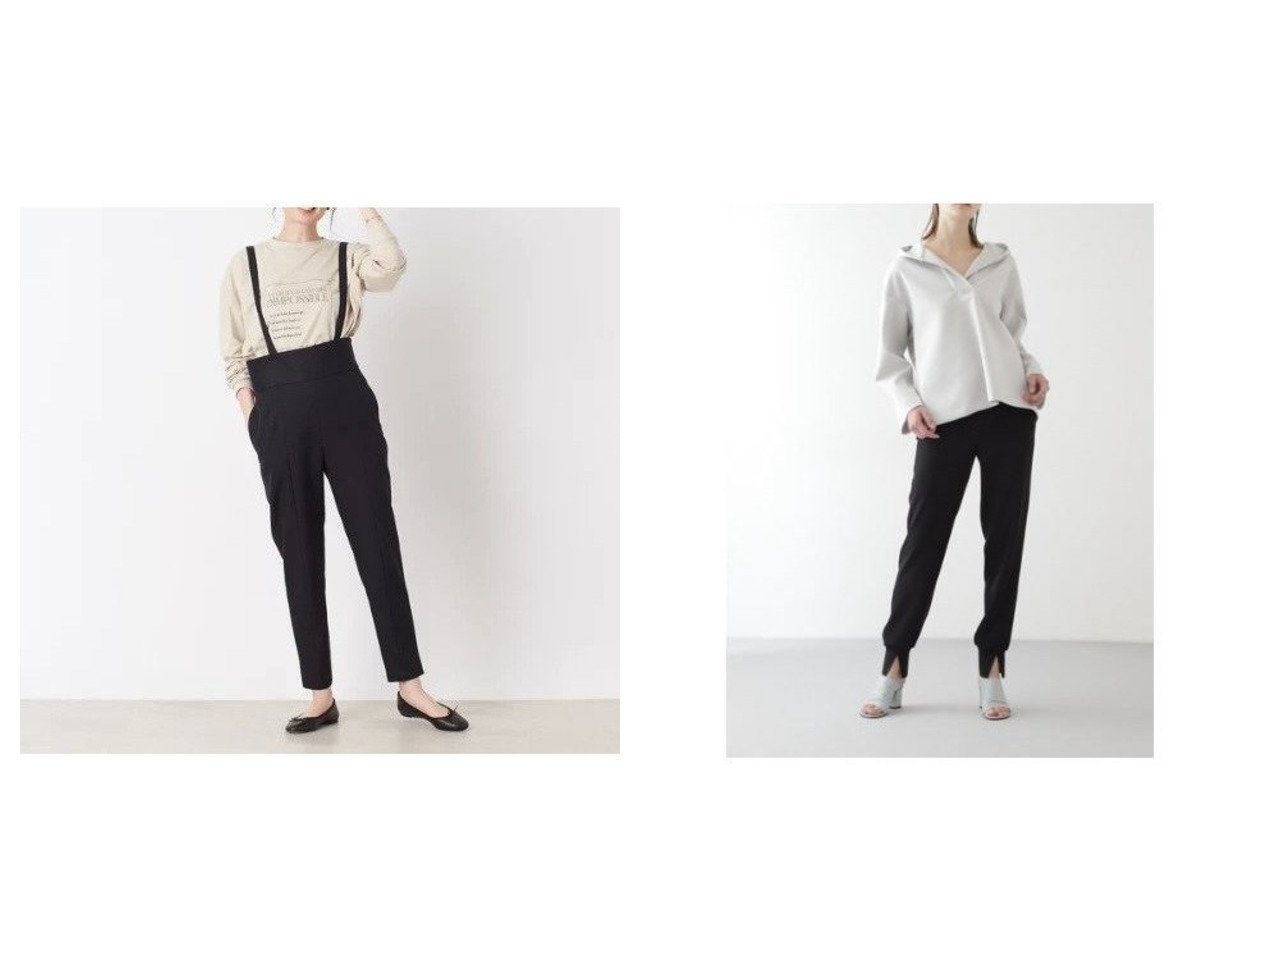 【BOSCH/ボッシュ】のジョガーパンツ&【Rouge vif/ルージュ ヴィフ】のストレッチツイルサスペンダーパンツ パンツのおすすめ!人気、トレンド・レディースファッションの通販 おすすめで人気の流行・トレンド、ファッションの通販商品 メンズファッション・キッズファッション・インテリア・家具・レディースファッション・服の通販 founy(ファニー) https://founy.com/ ファッション Fashion レディースファッション WOMEN パンツ Pants カットソー サスペンダー サロペット スタンダード スリット フロント  ID:crp329100000024964